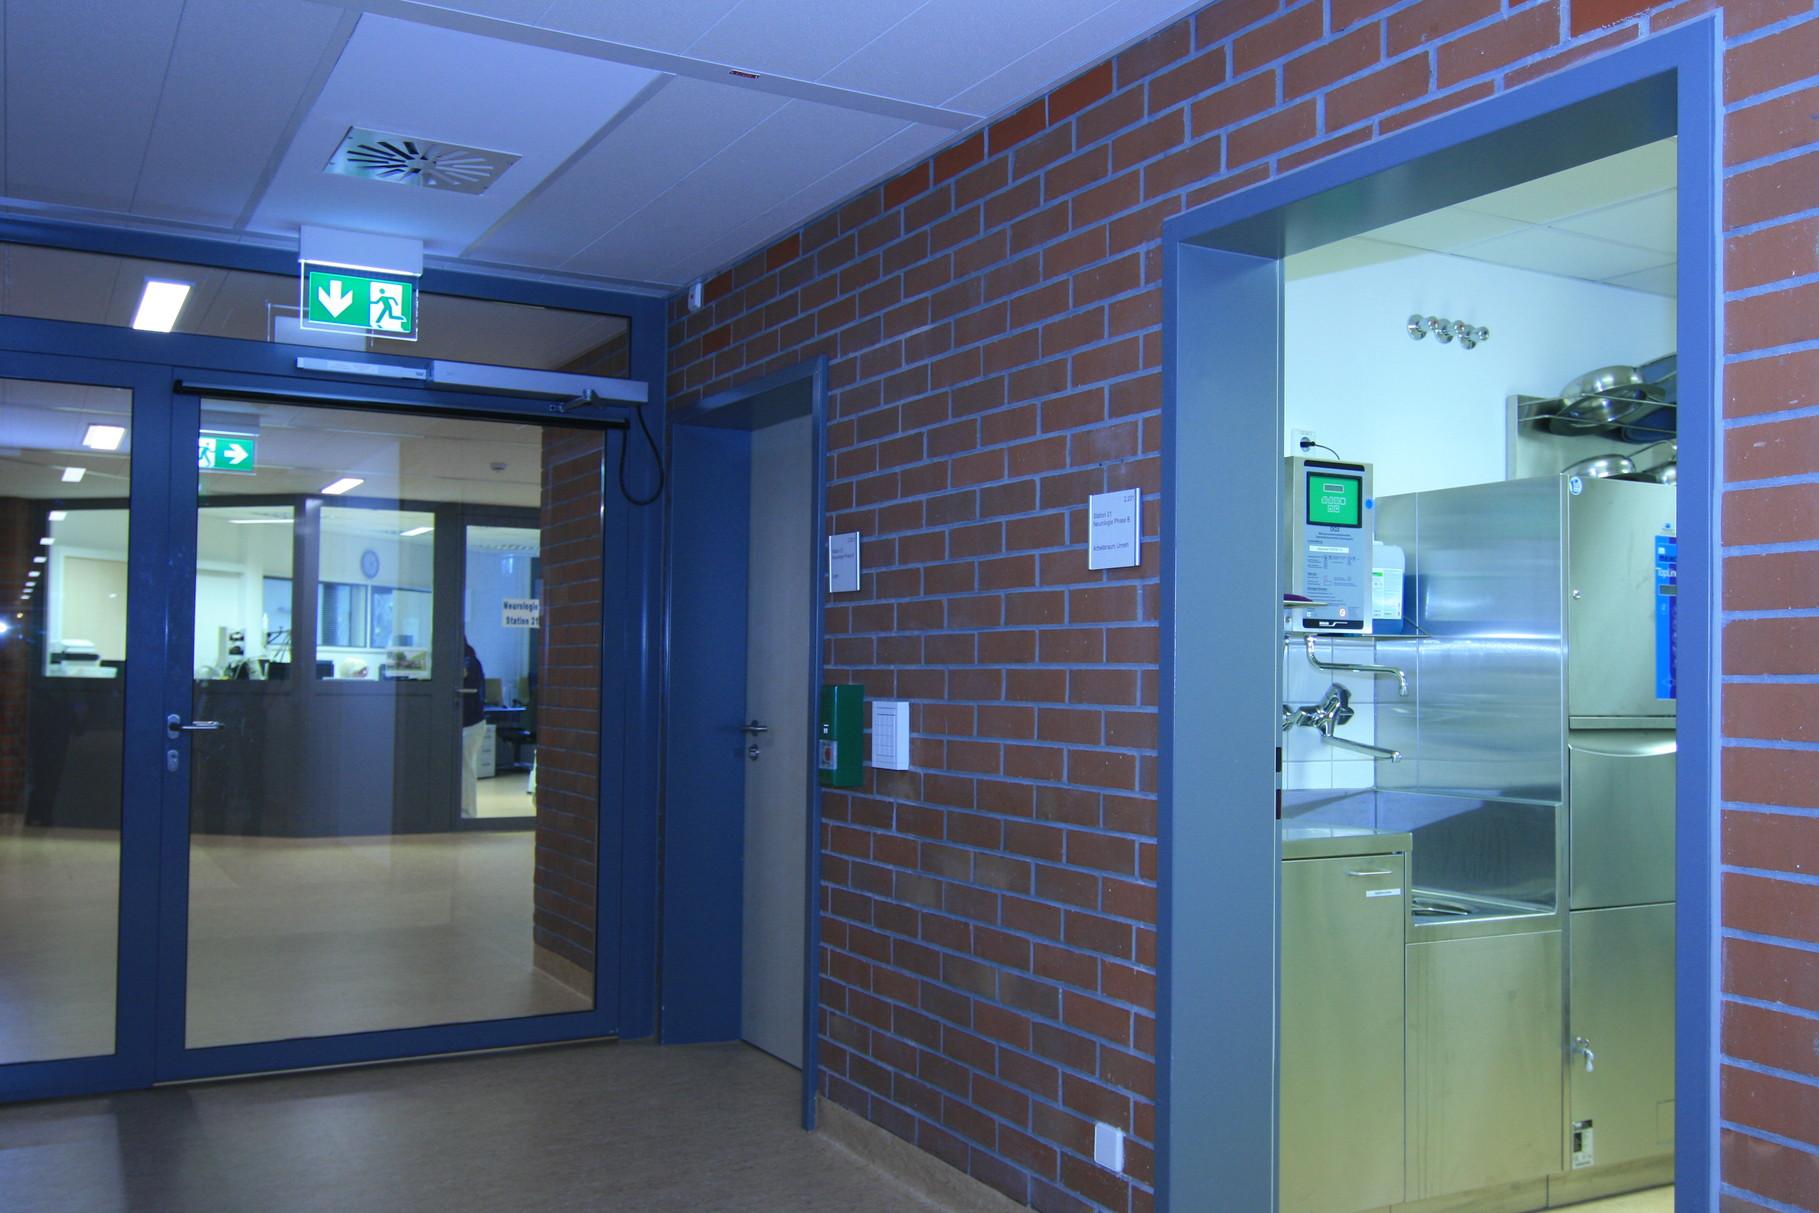 Bad Urach Reha Phase B - Station Zugangskontrolle und Raum Unrein mit Spüle